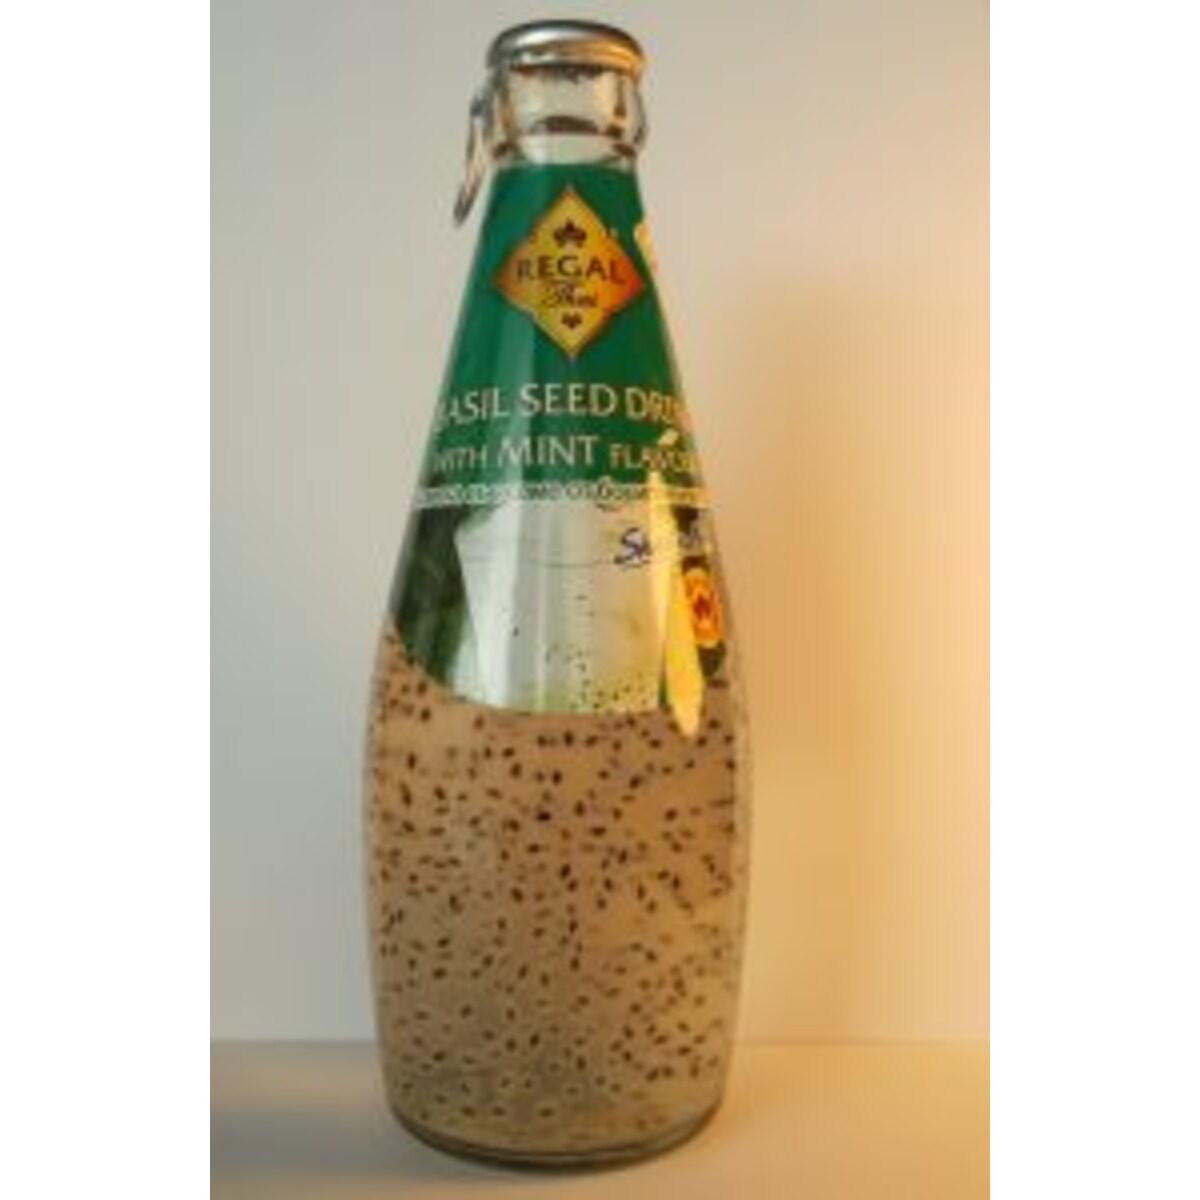 Regal Thai напитка със семе от босилек и мента 290мл